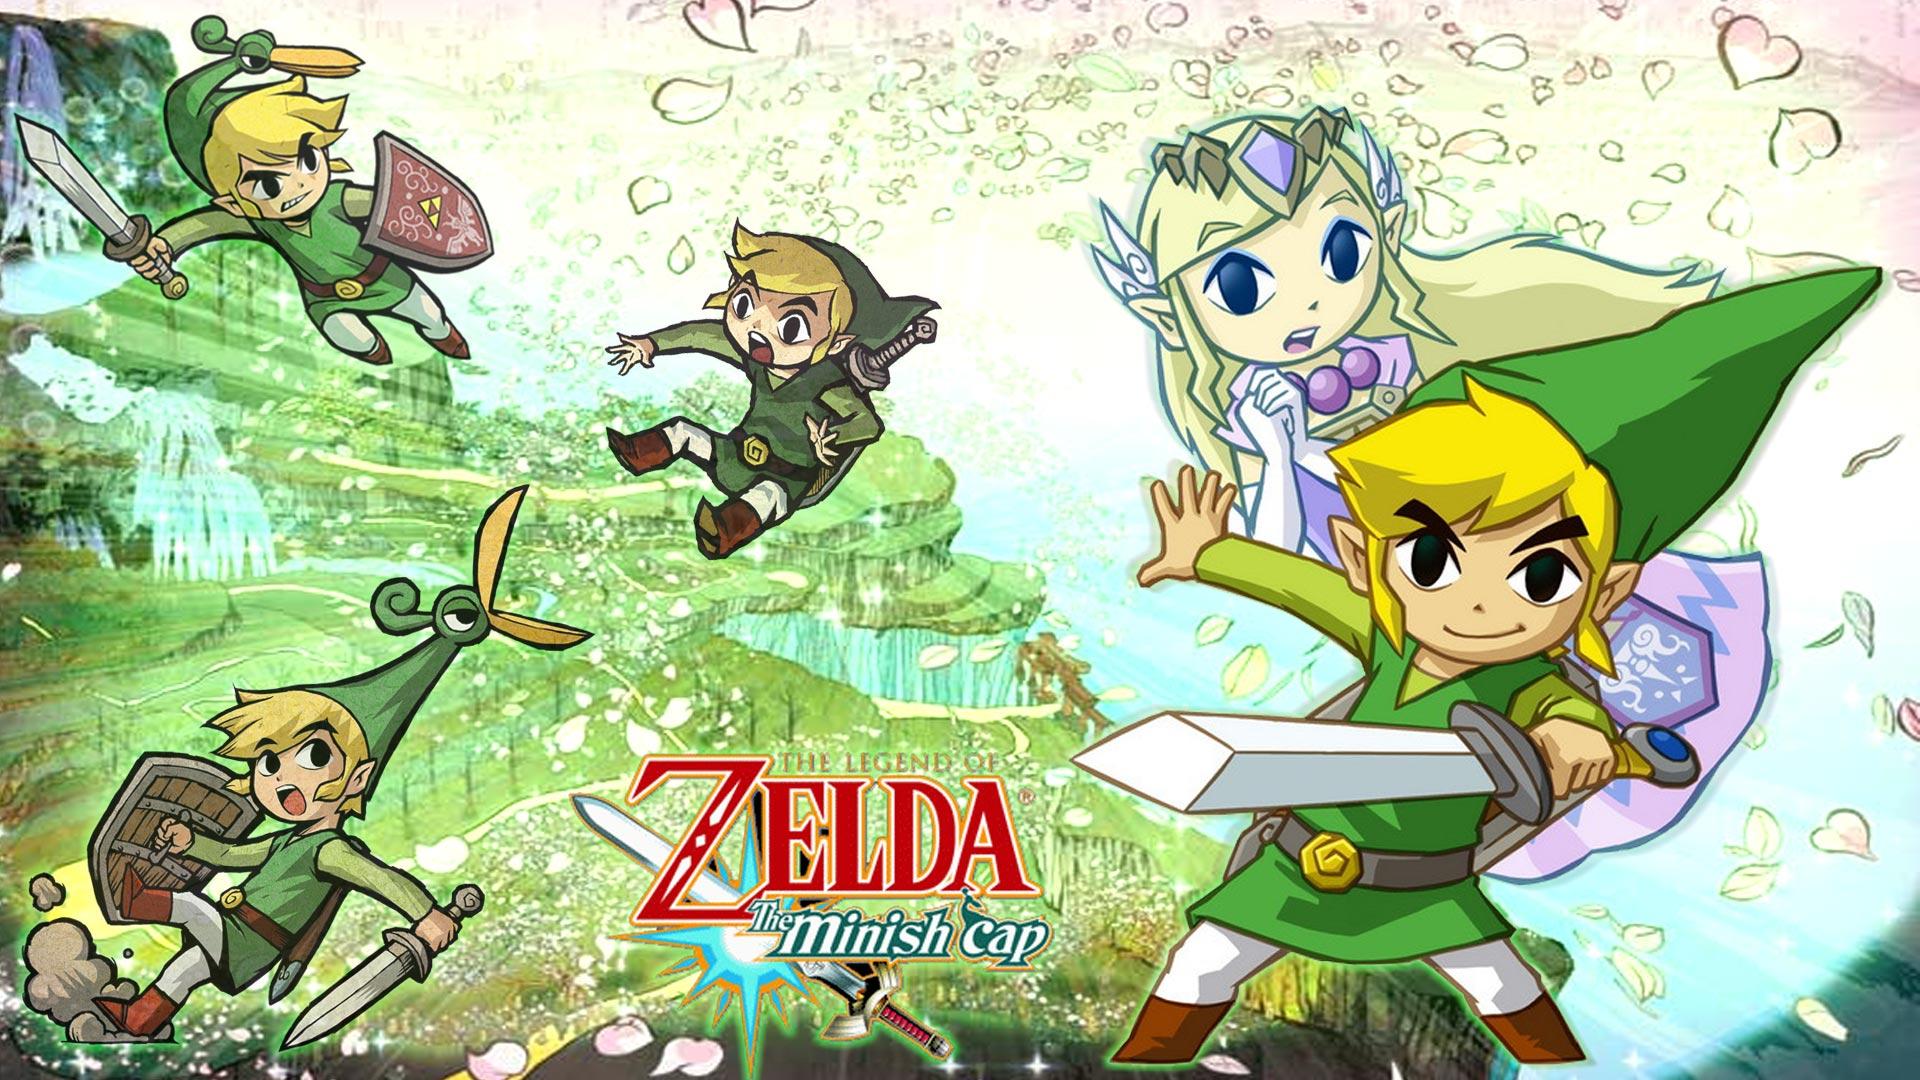 jeux vidéo the legend de zelda: the minish cap zelda fond d'écran